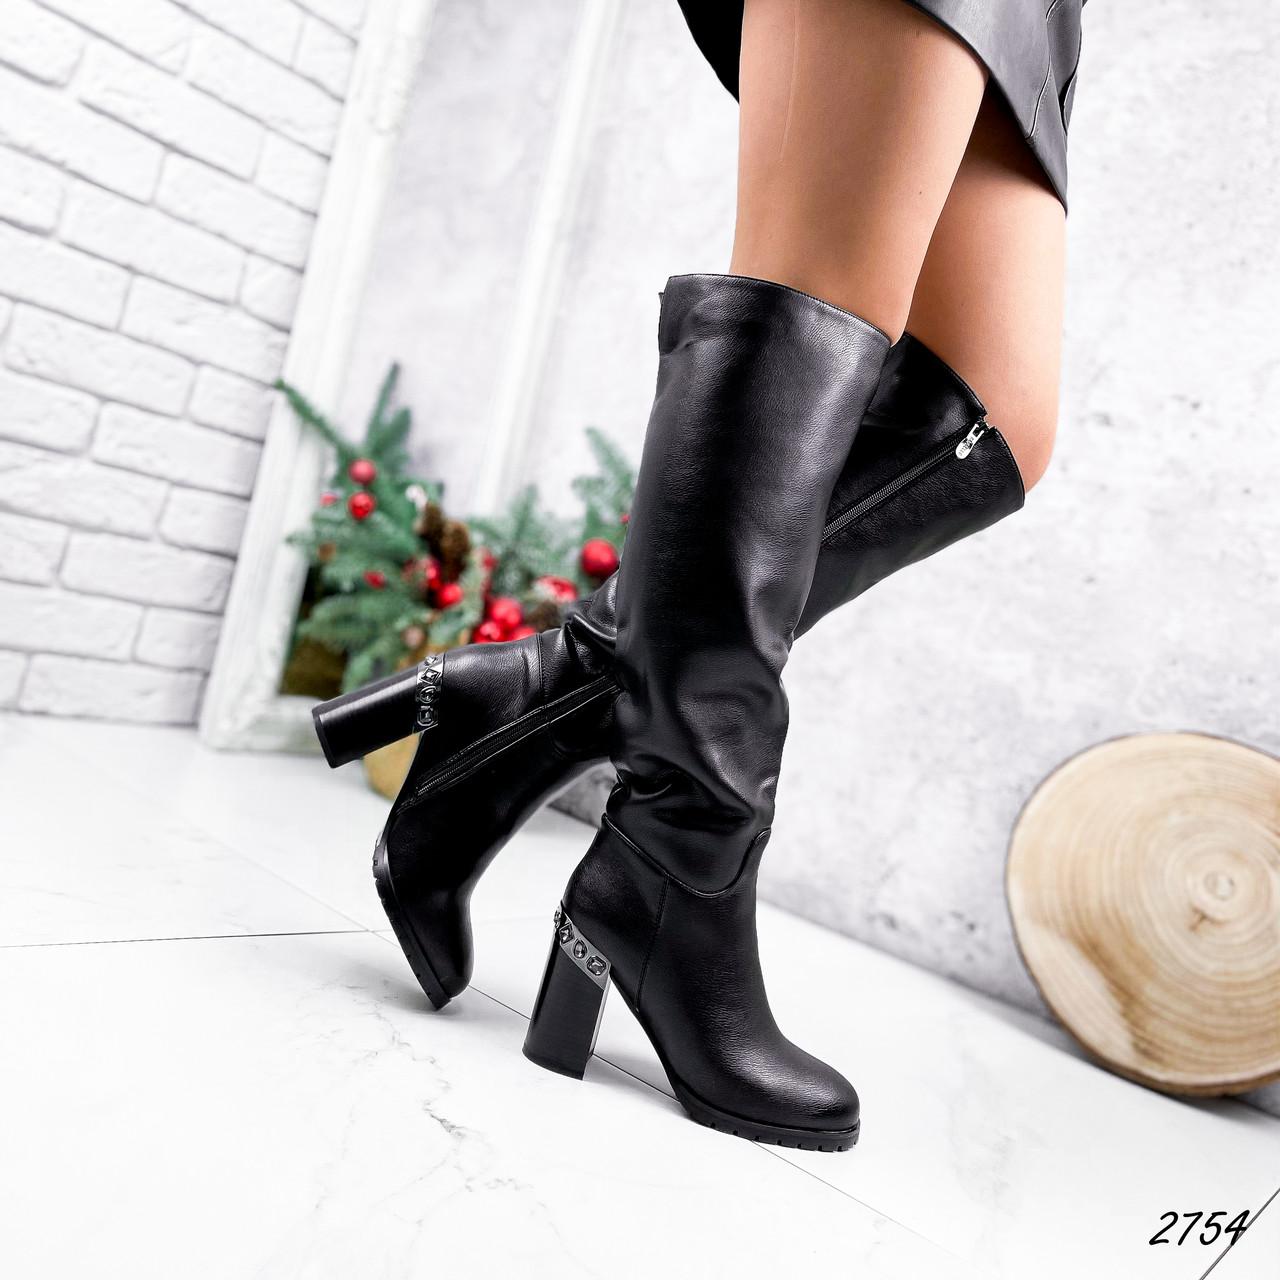 Сапоги женские ботфорты Silis черные 2754 ЗИМА